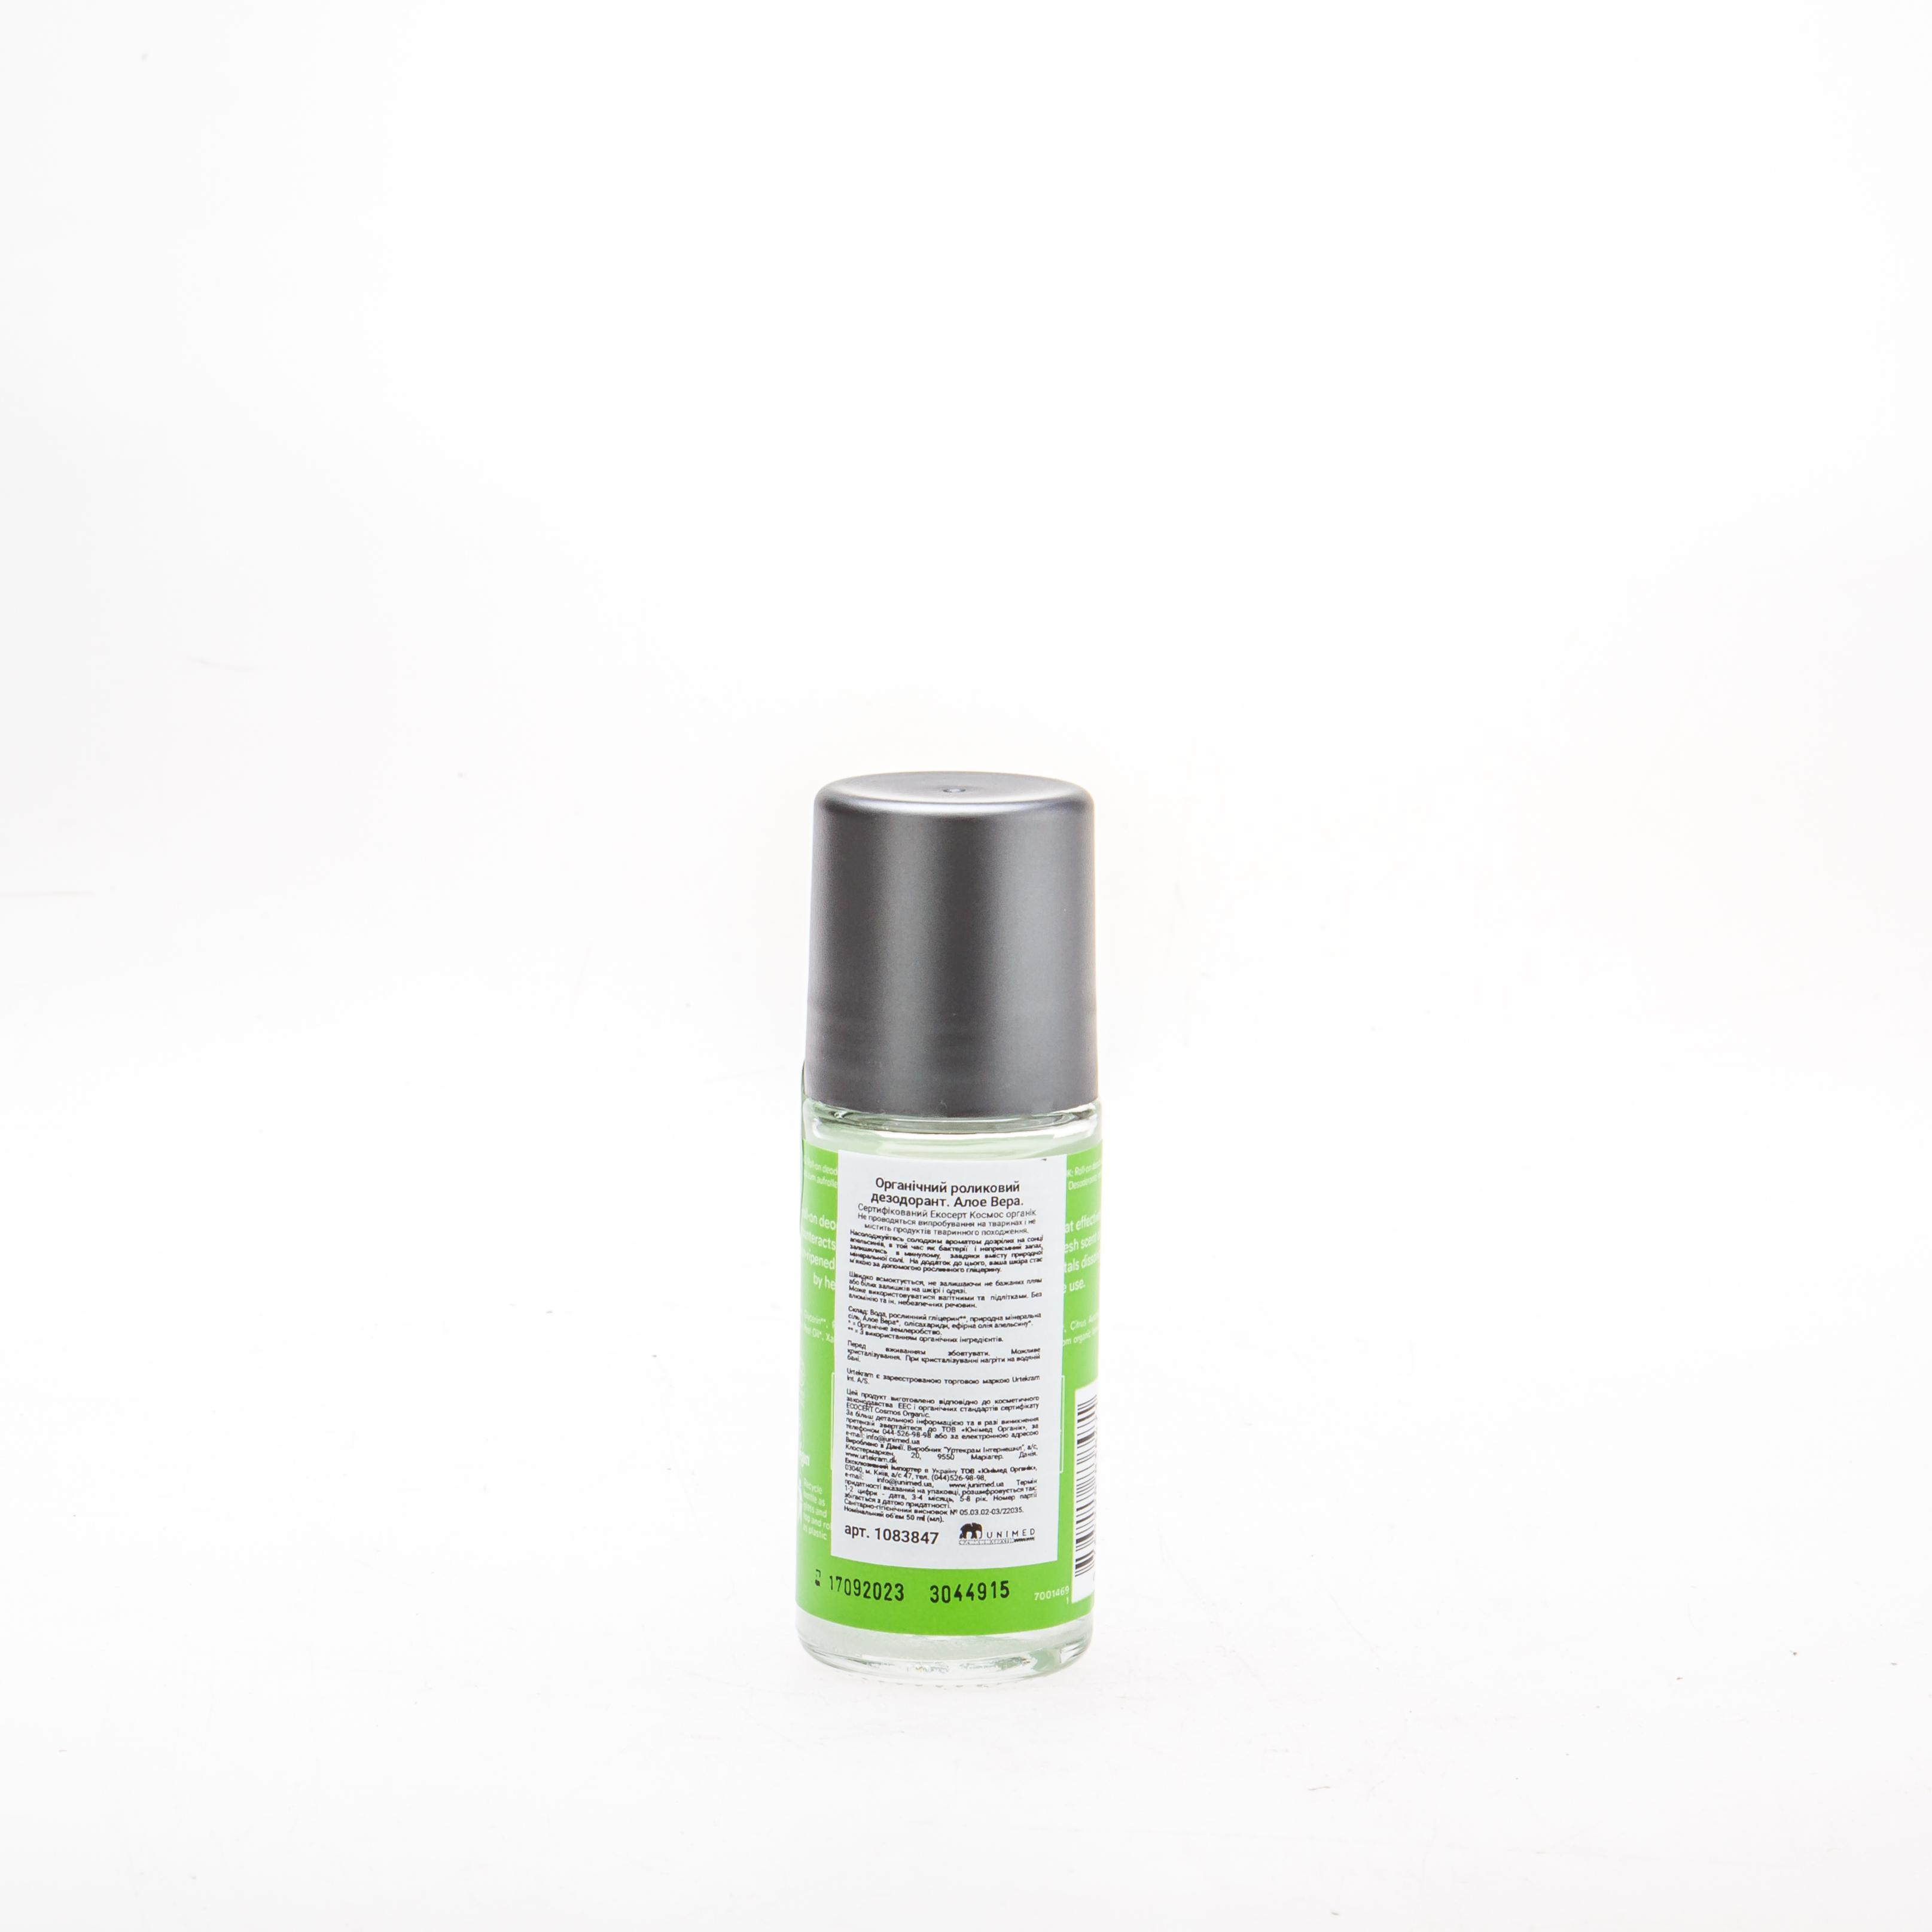 Urtekram Органічний роликовий дезодорант  Алоє Вера, 50 мл - купити в інтернет-магазині Юнимед